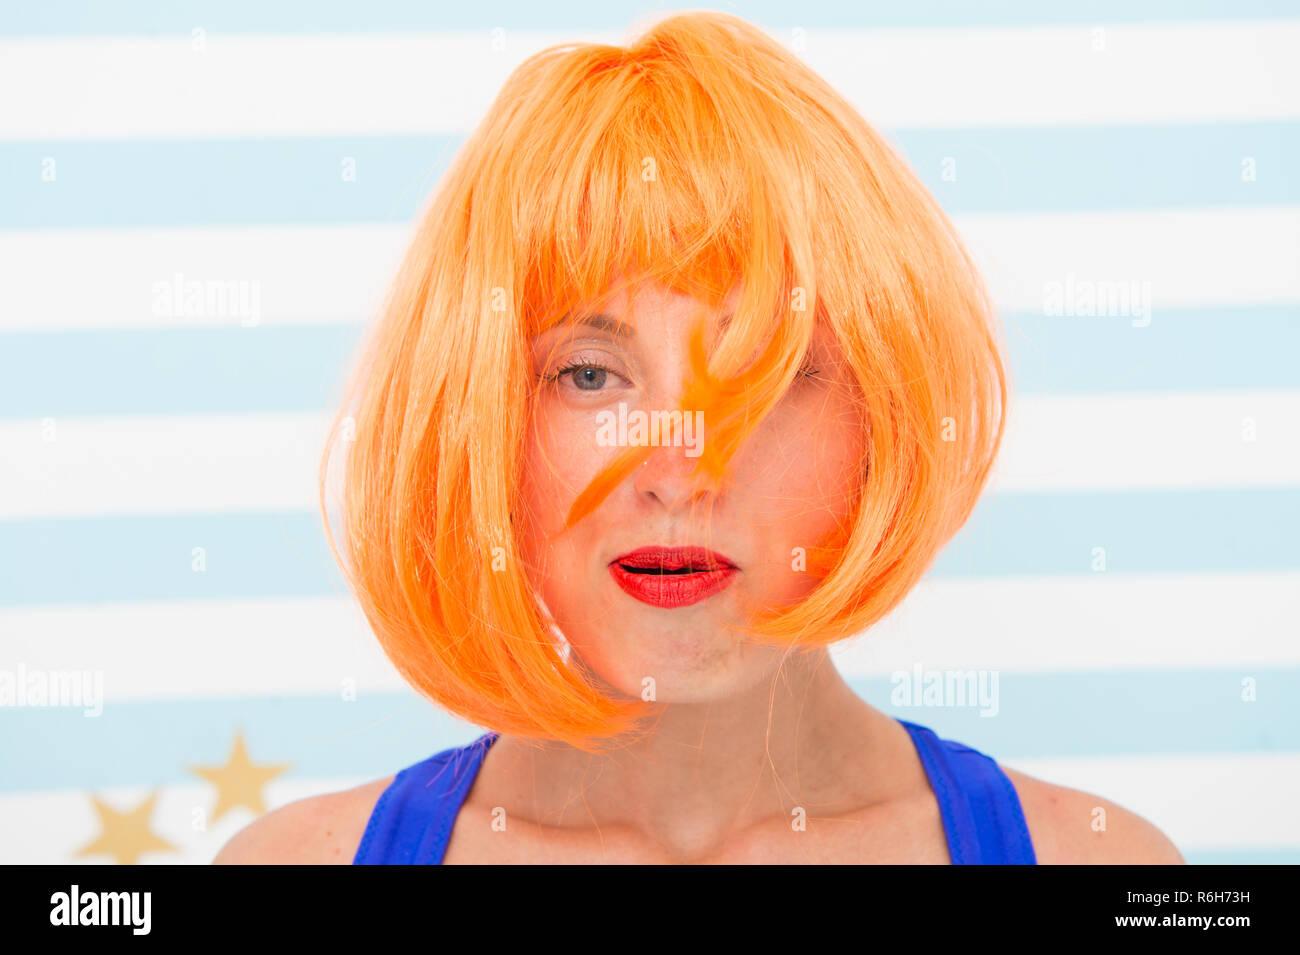 Quando la festa è finita. caos. crazy girl Blow Hair e ha nel caos. il caos nel concetto di vita. non hanno tempo per acconciatura. Dopo anniversario. crazy ragazza con desheveled capelli arancione. Immagini Stock